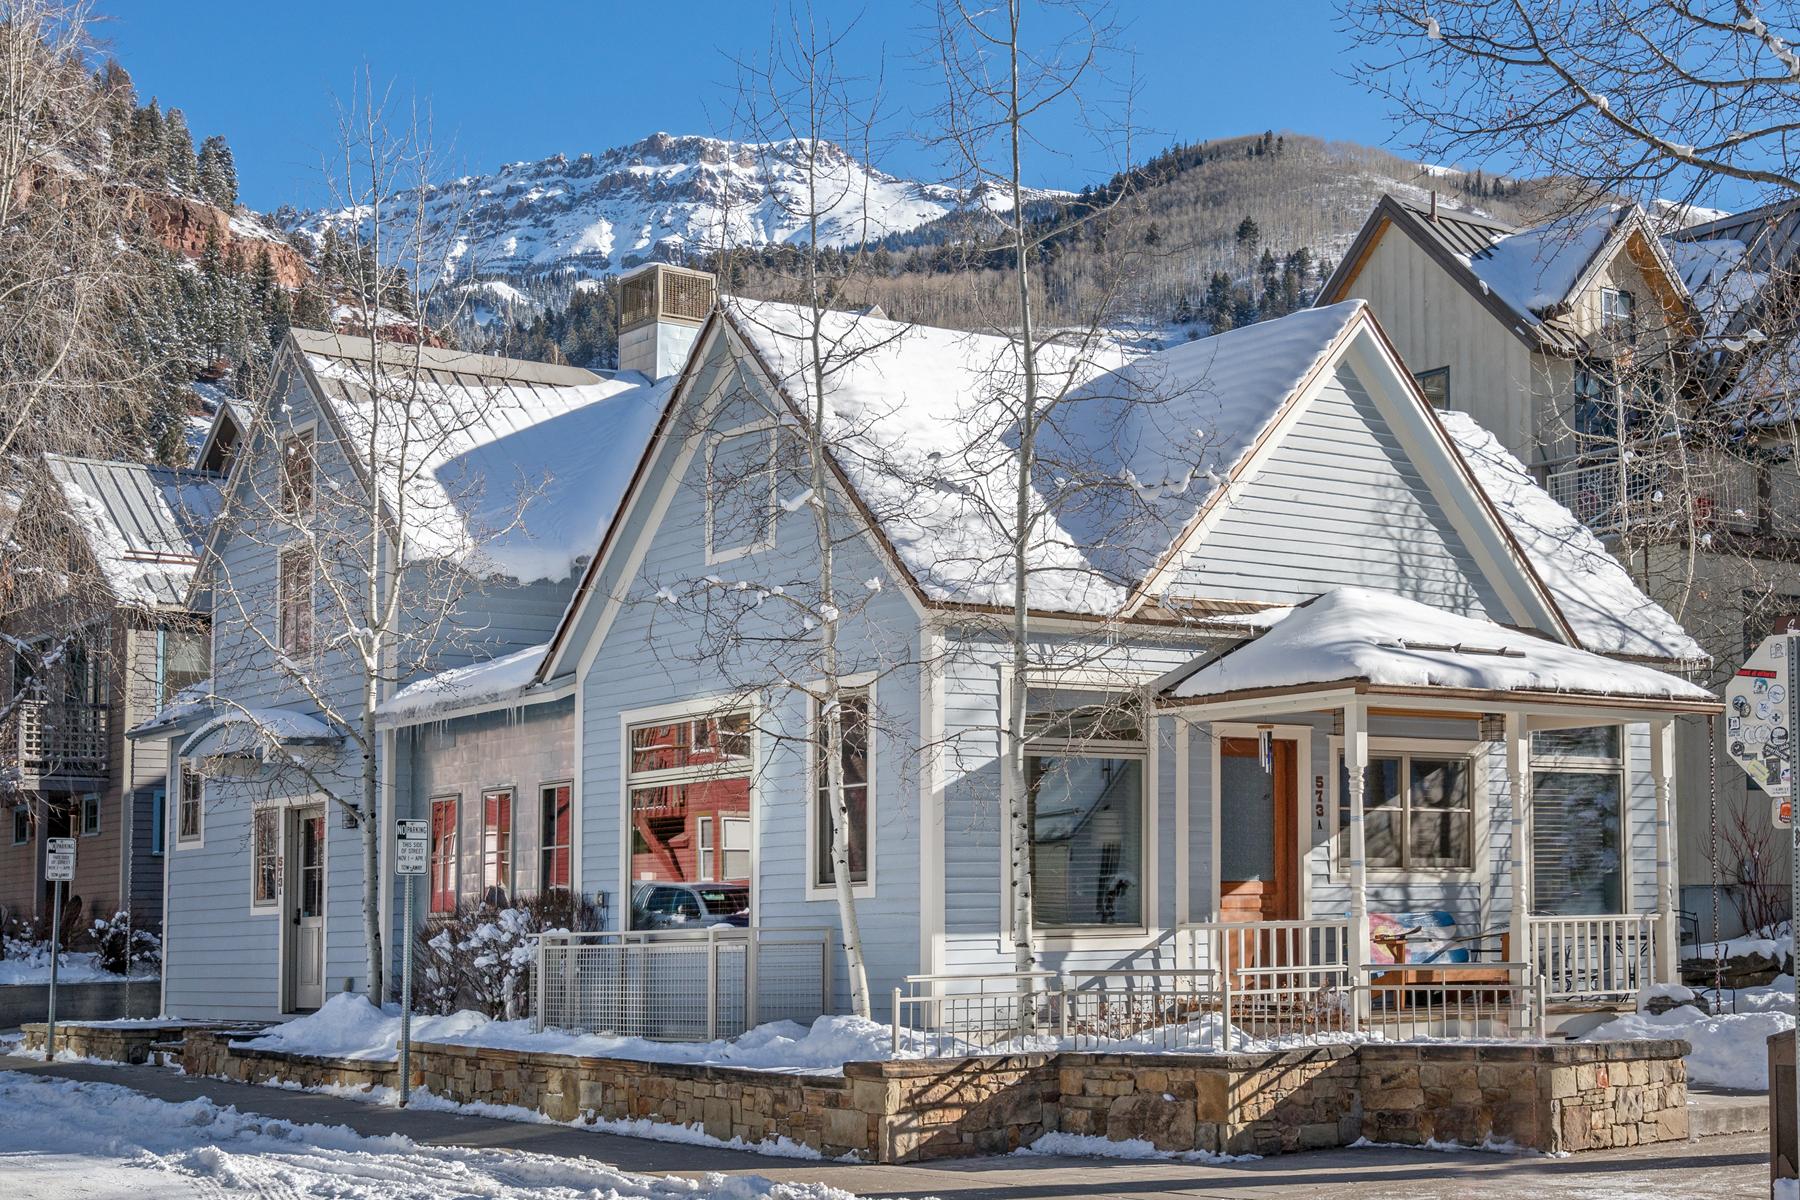 独户住宅 为 销售 在 573 W. Pacific Avenue 特柳赖德, 科罗拉多州, 81435 美国